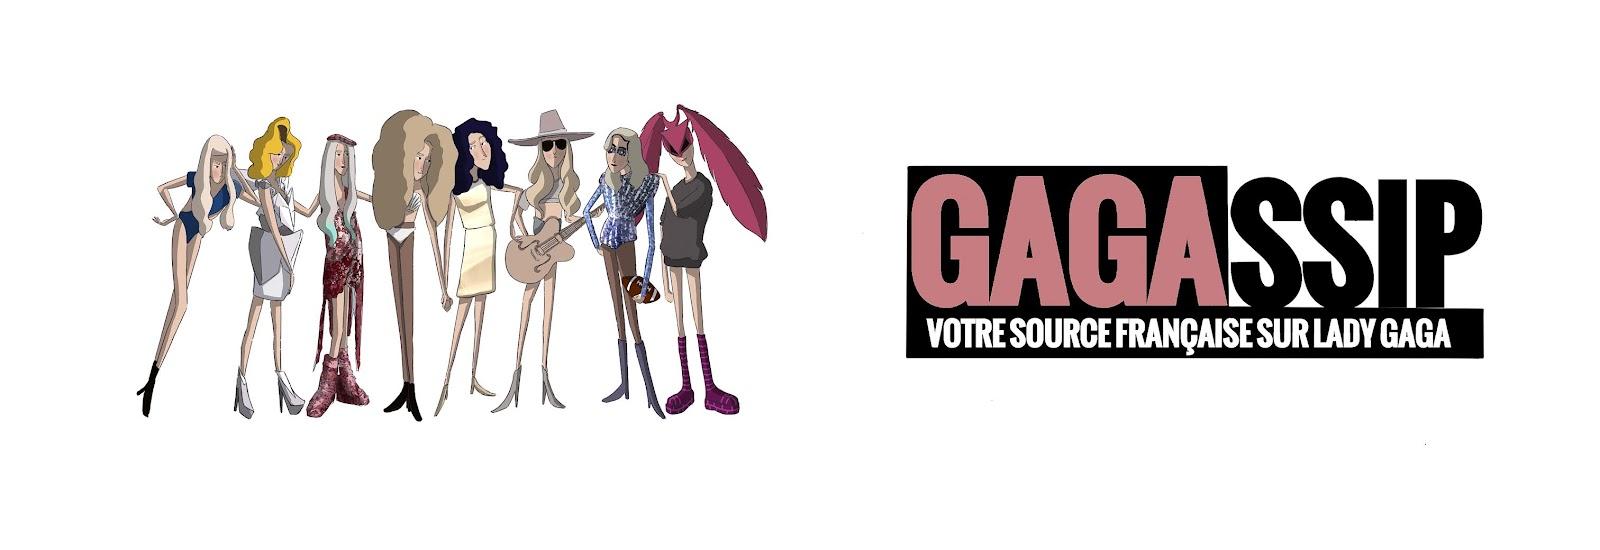 Gagassip France - Votre source référence sur Lady Gaga